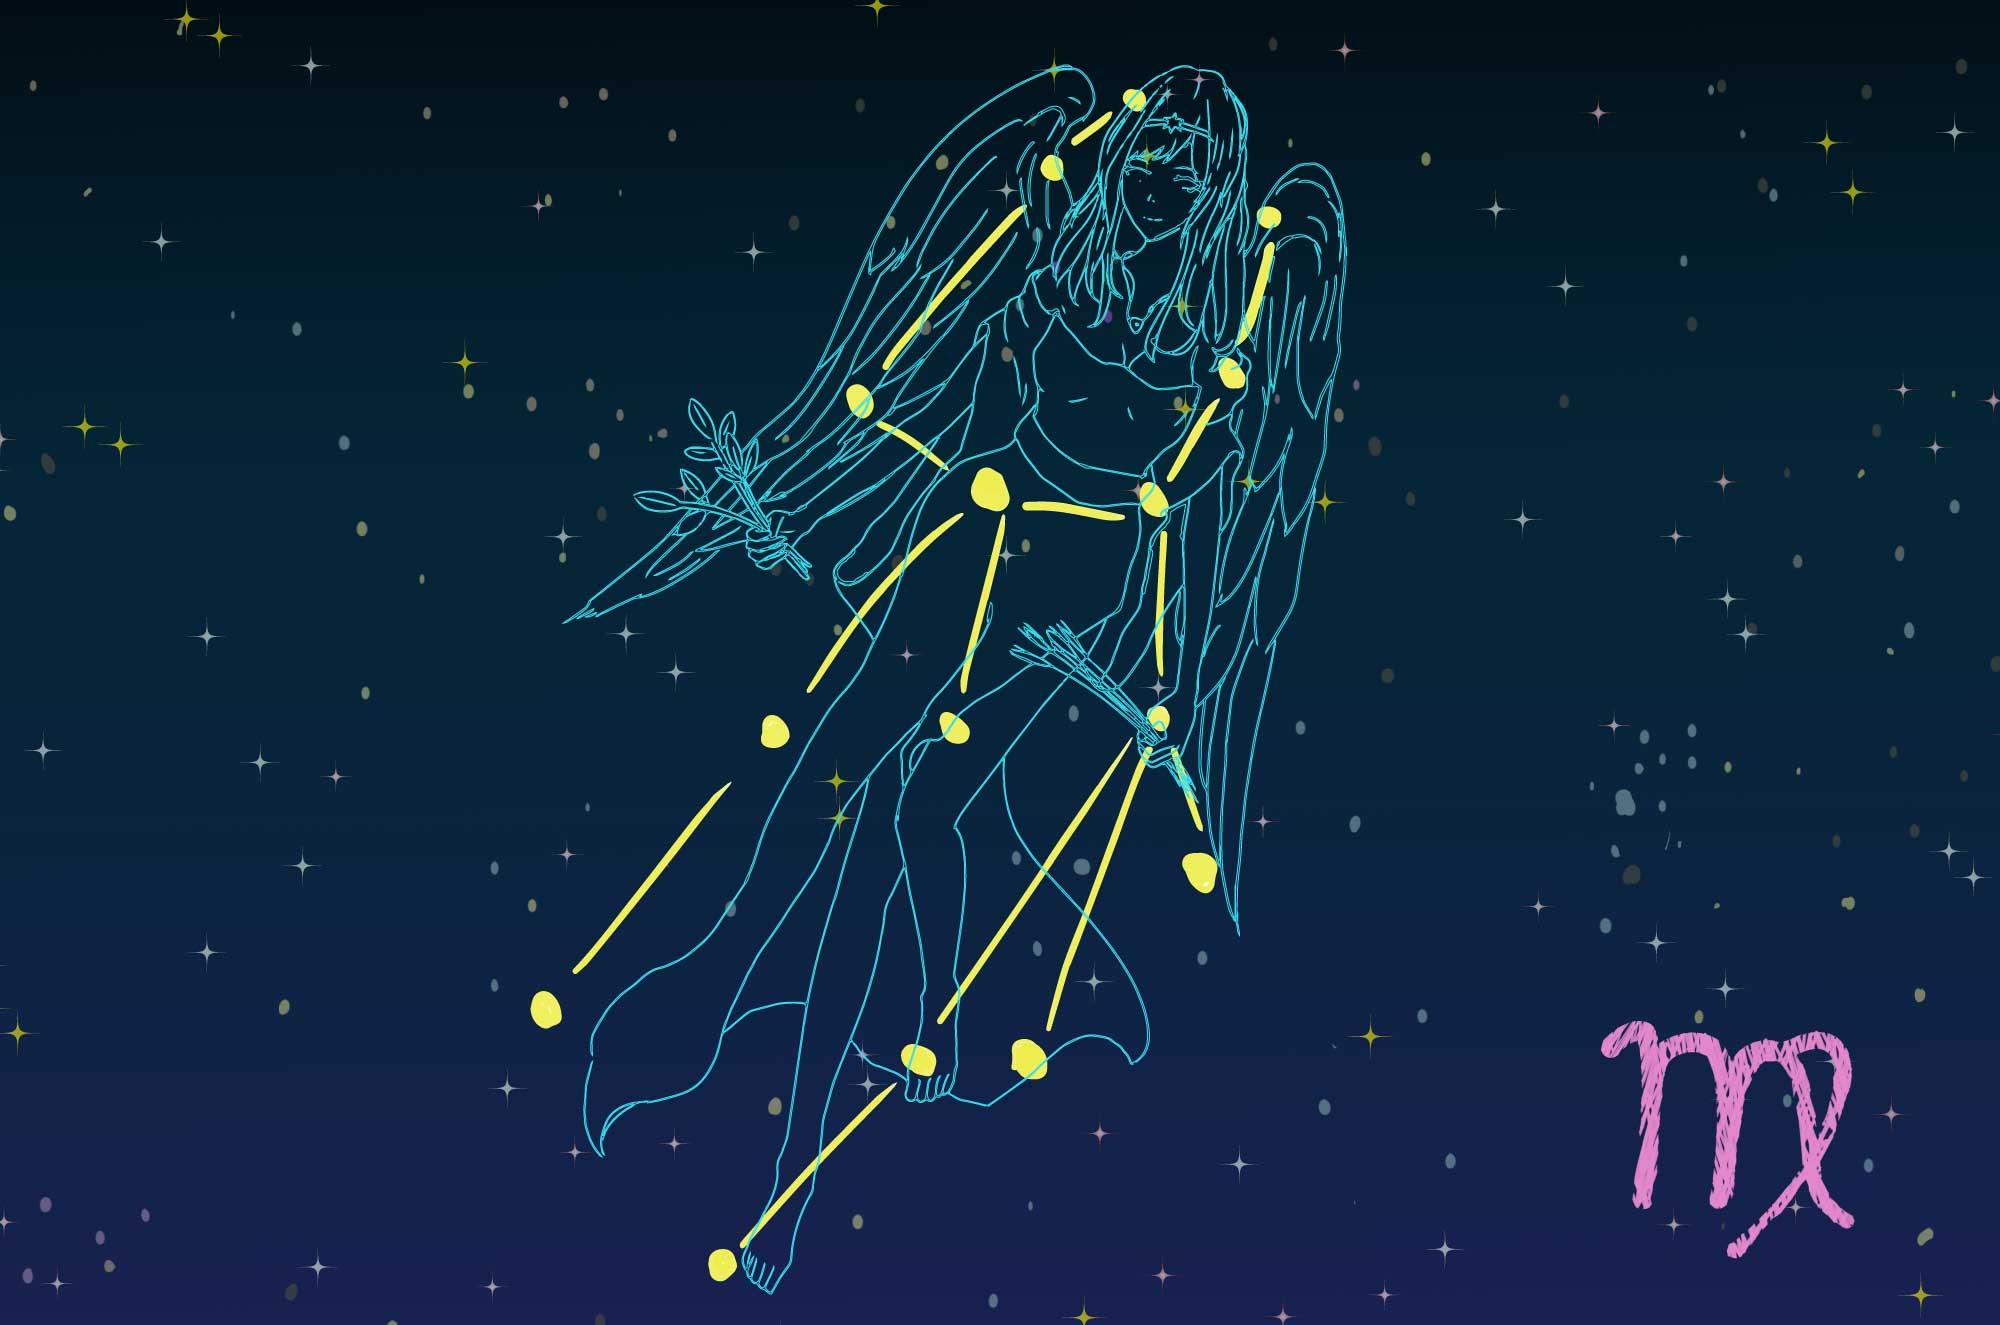 乙女座のイラスト | Virgo夜空に輝天体の無料素材